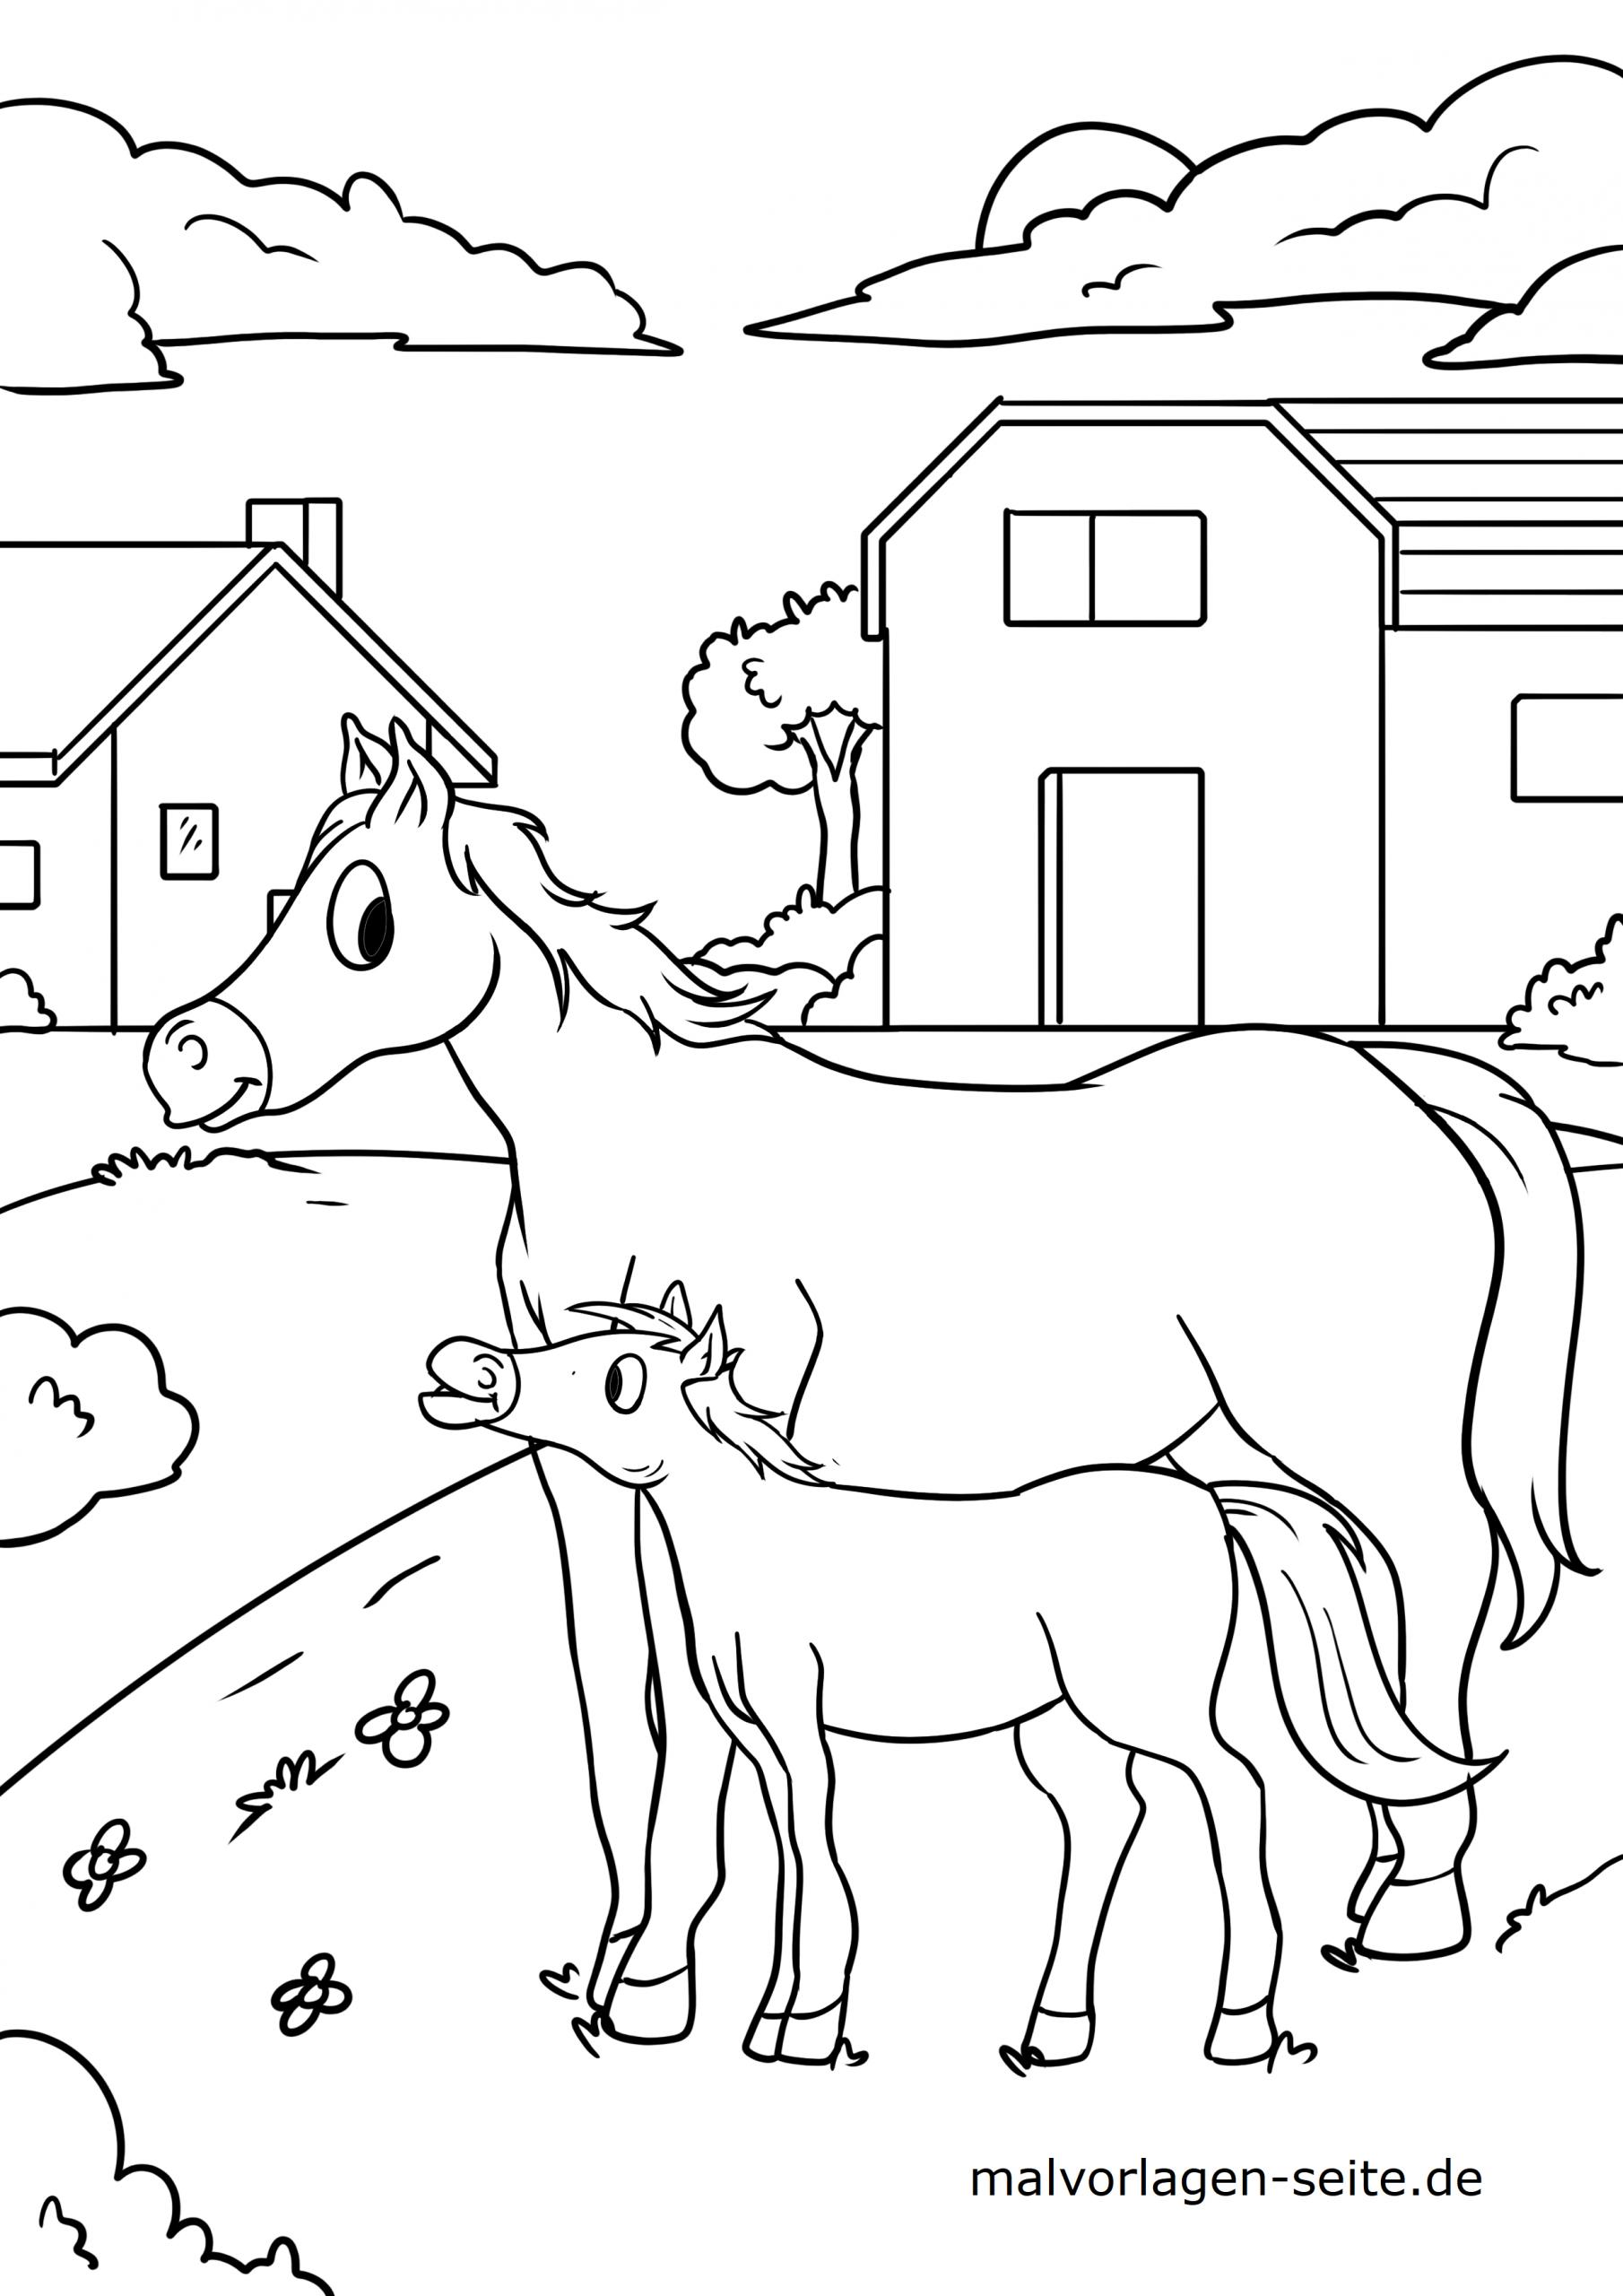 Malvorlage Pferd Auf Dem Bauernhof - Ausmalbilder Kostenlos innen Bauernhof Ausmalbilder